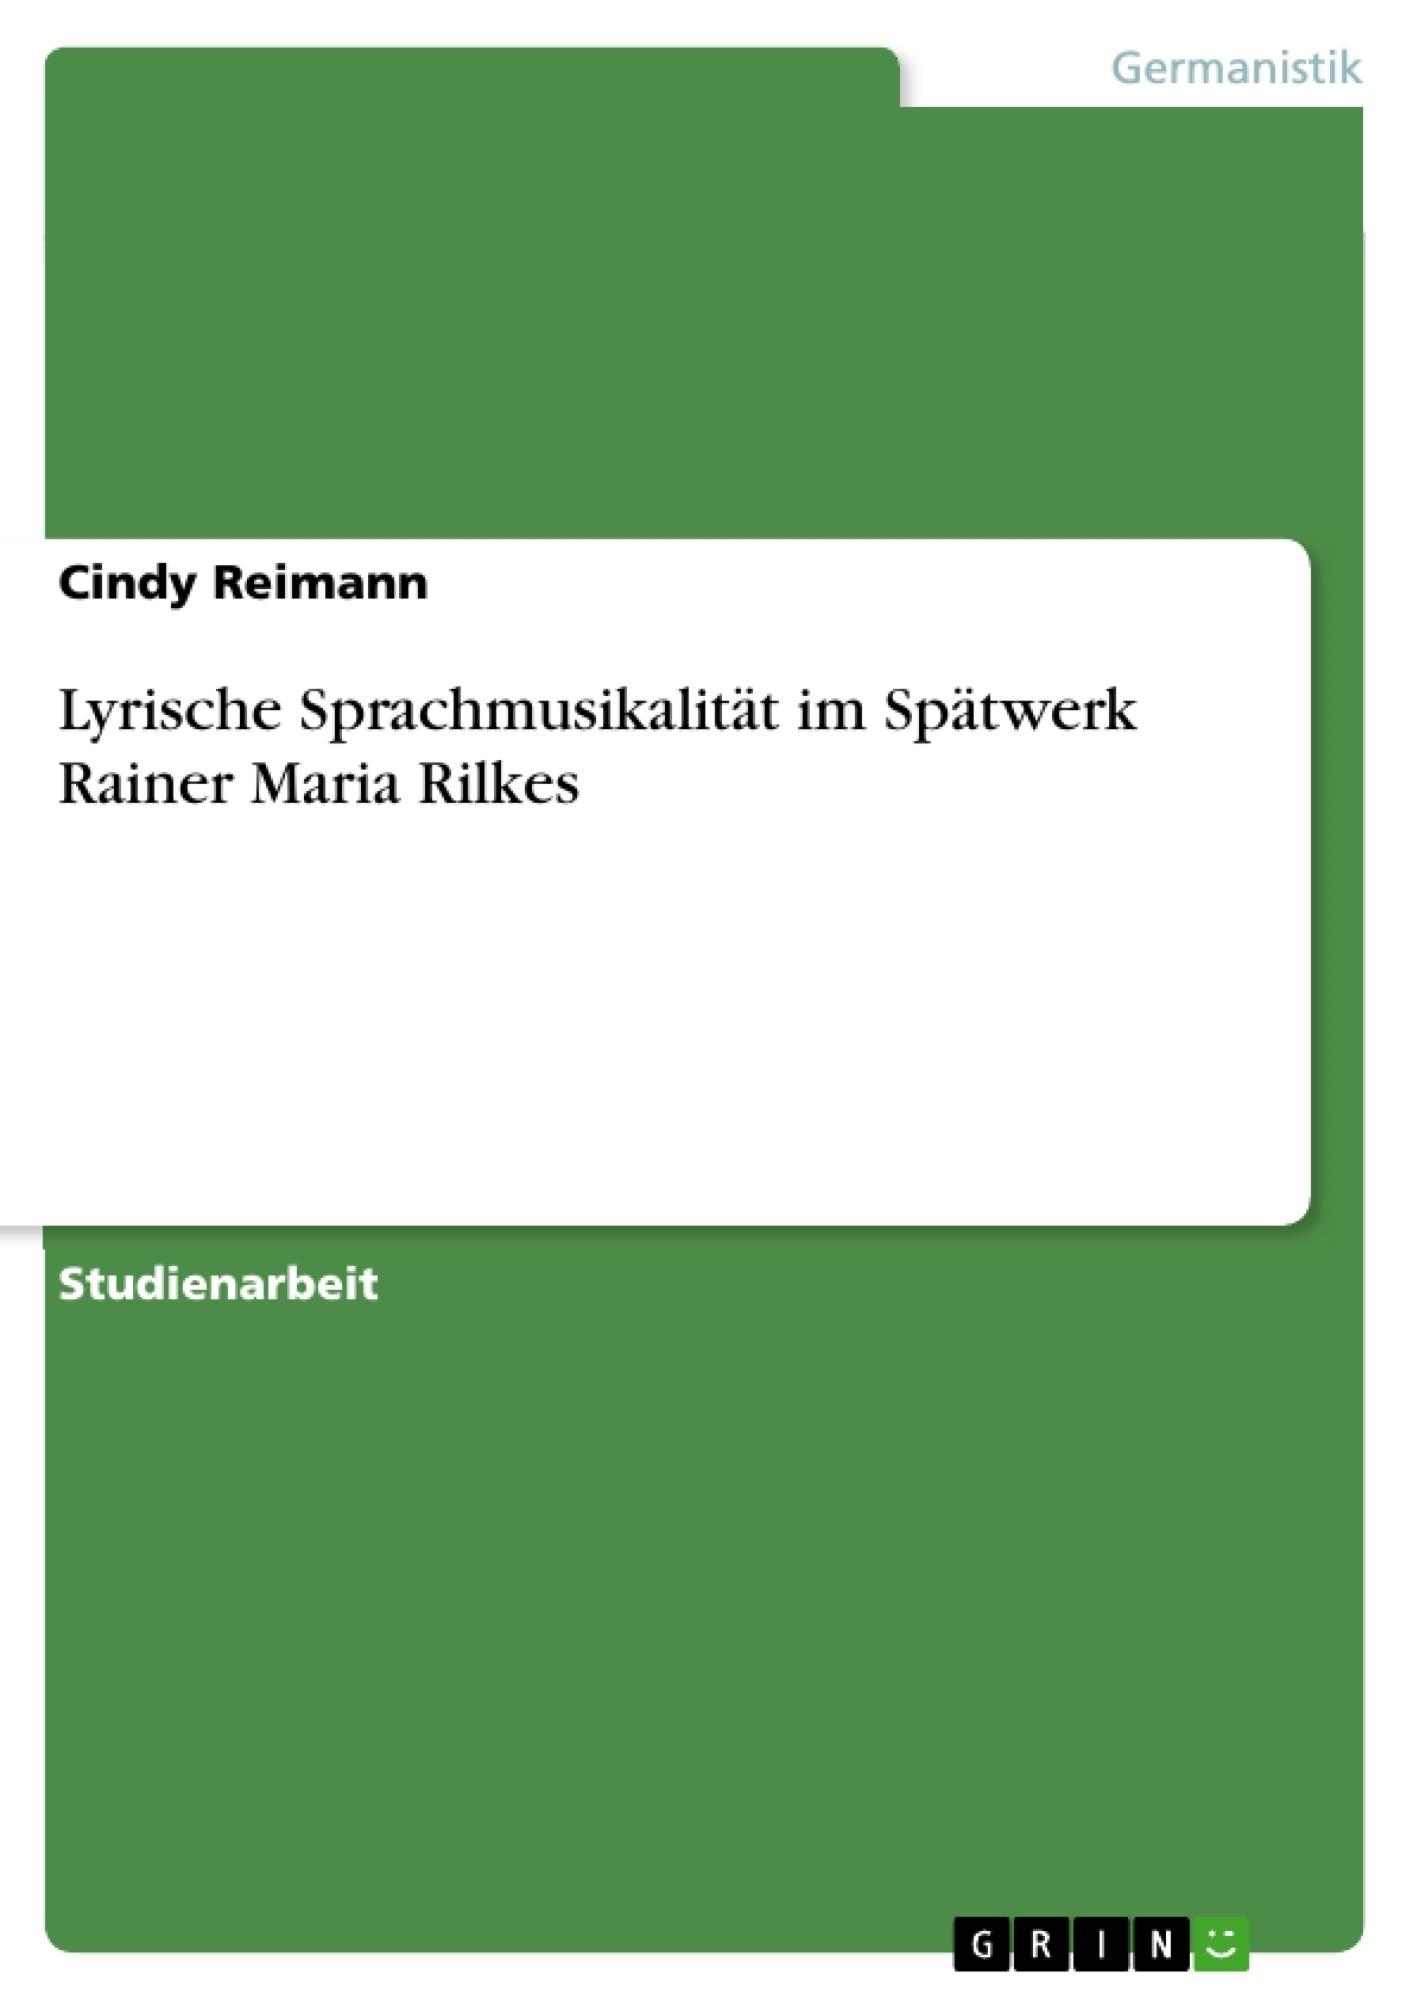 Titel: Lyrische Sprachmusikalität im Spätwerk Rainer Maria Rilkes